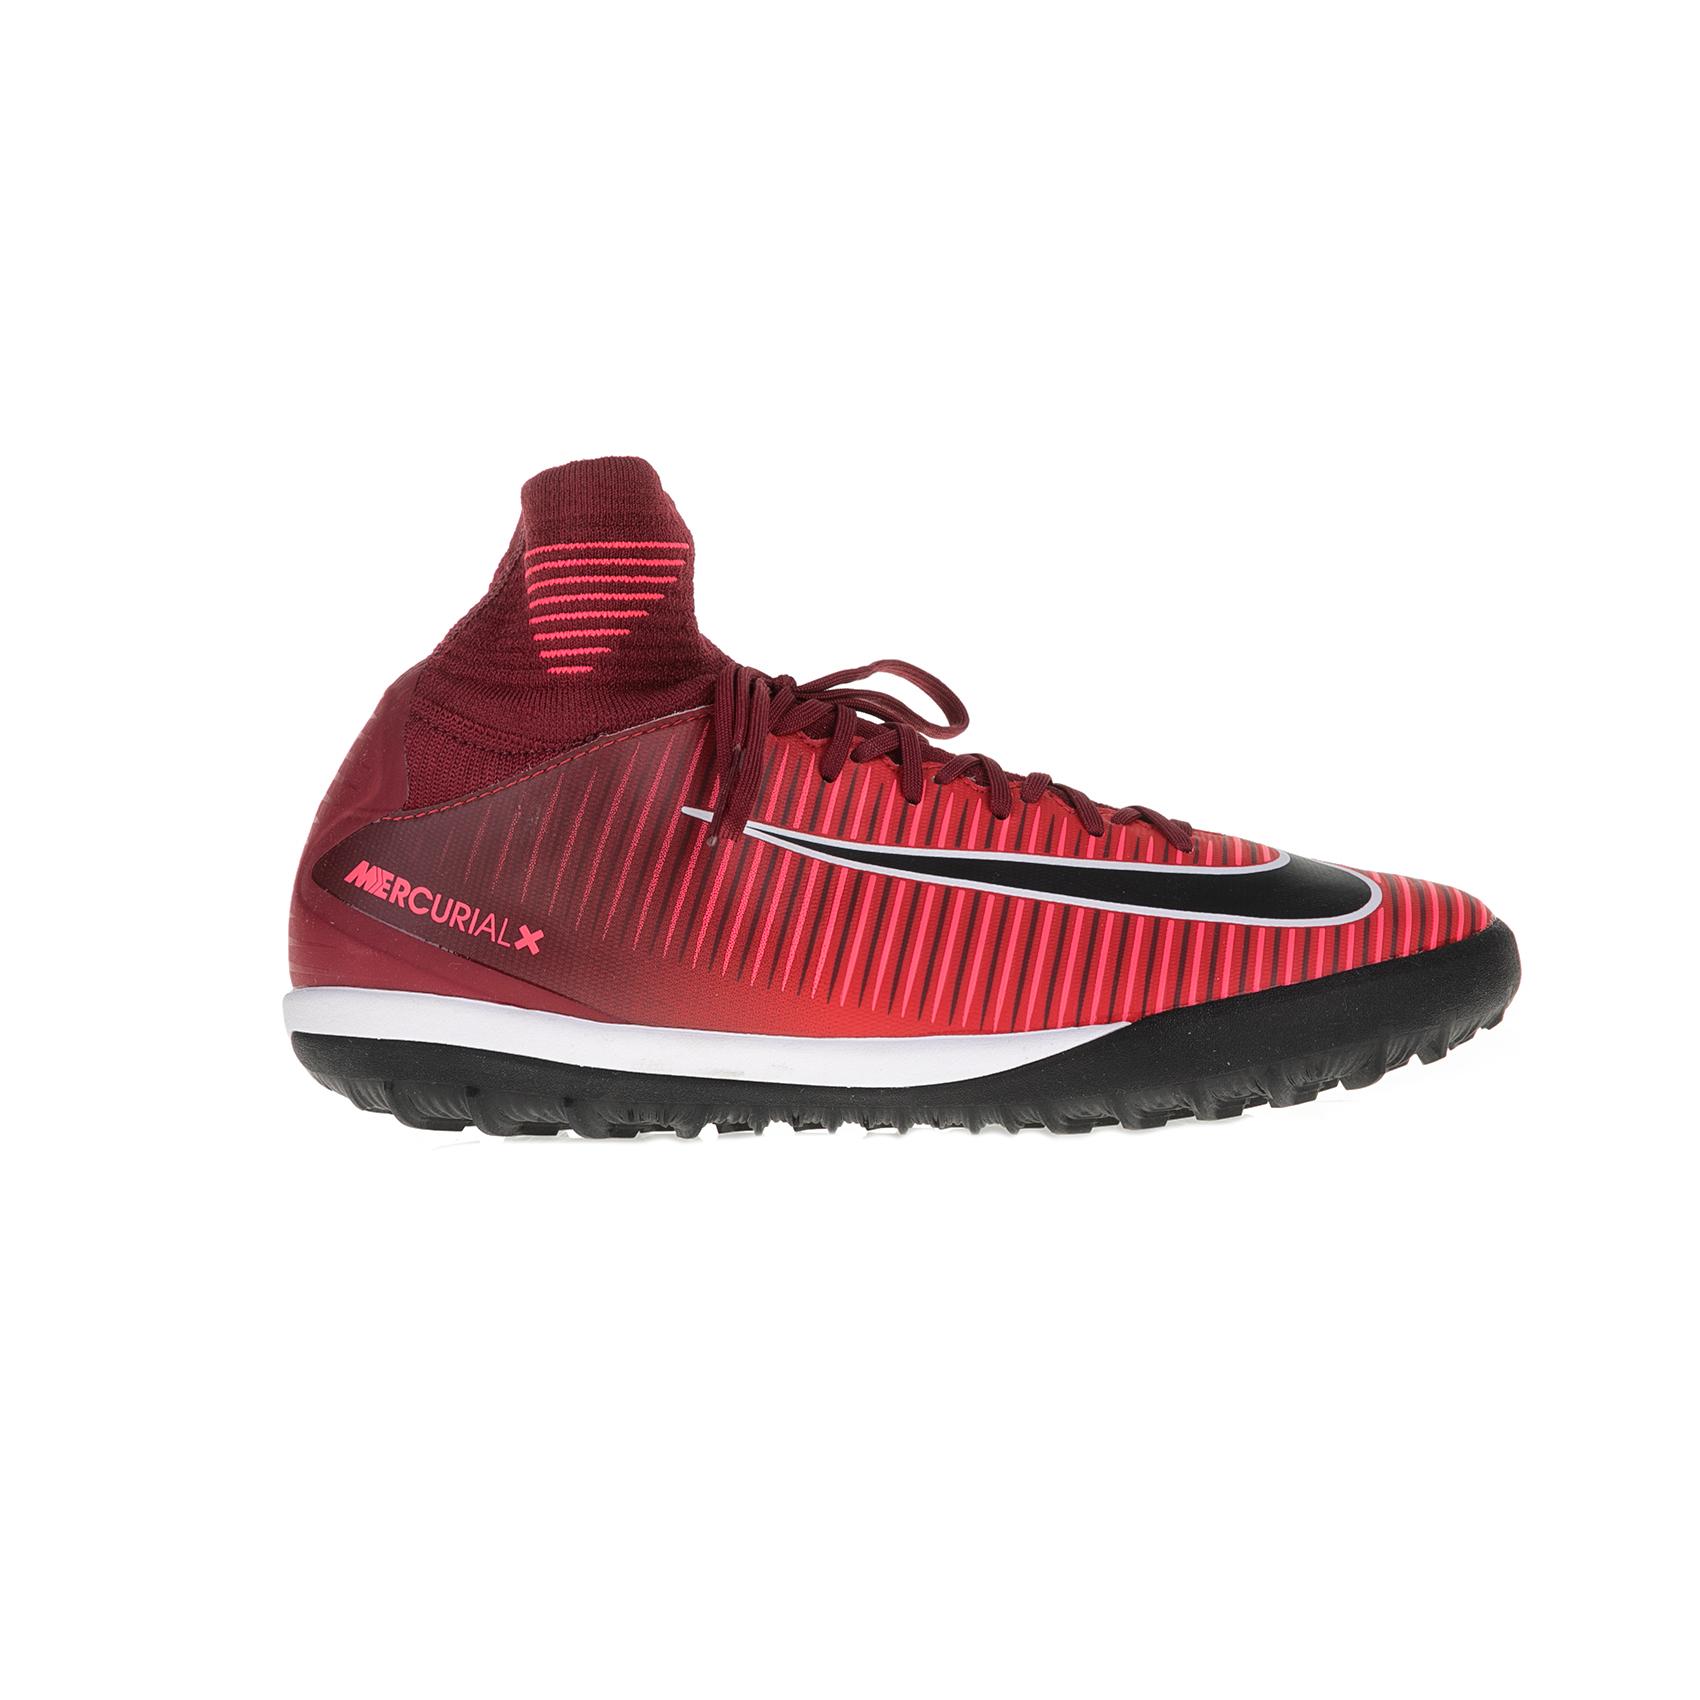 NIKE - Παιδικά παπούτσια ποδοσφαίρου Nike JR MERCURIALX PROXIMO II DF TF κόκκινα παιδικά boys παπούτσια αθλητικά